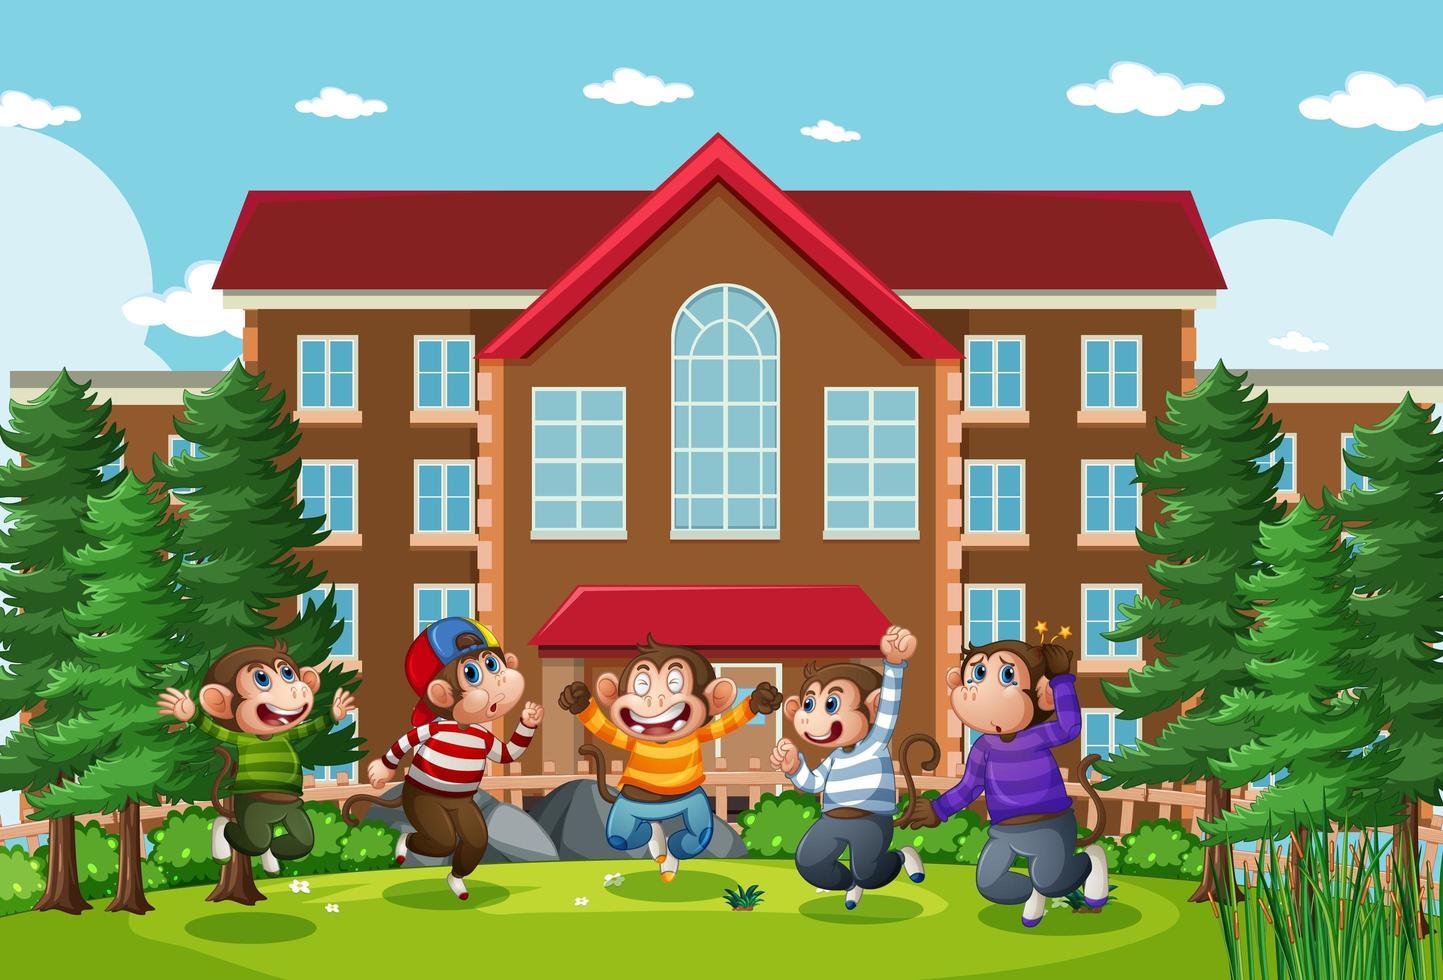 Five little monkeys jumping in the park school scene vector